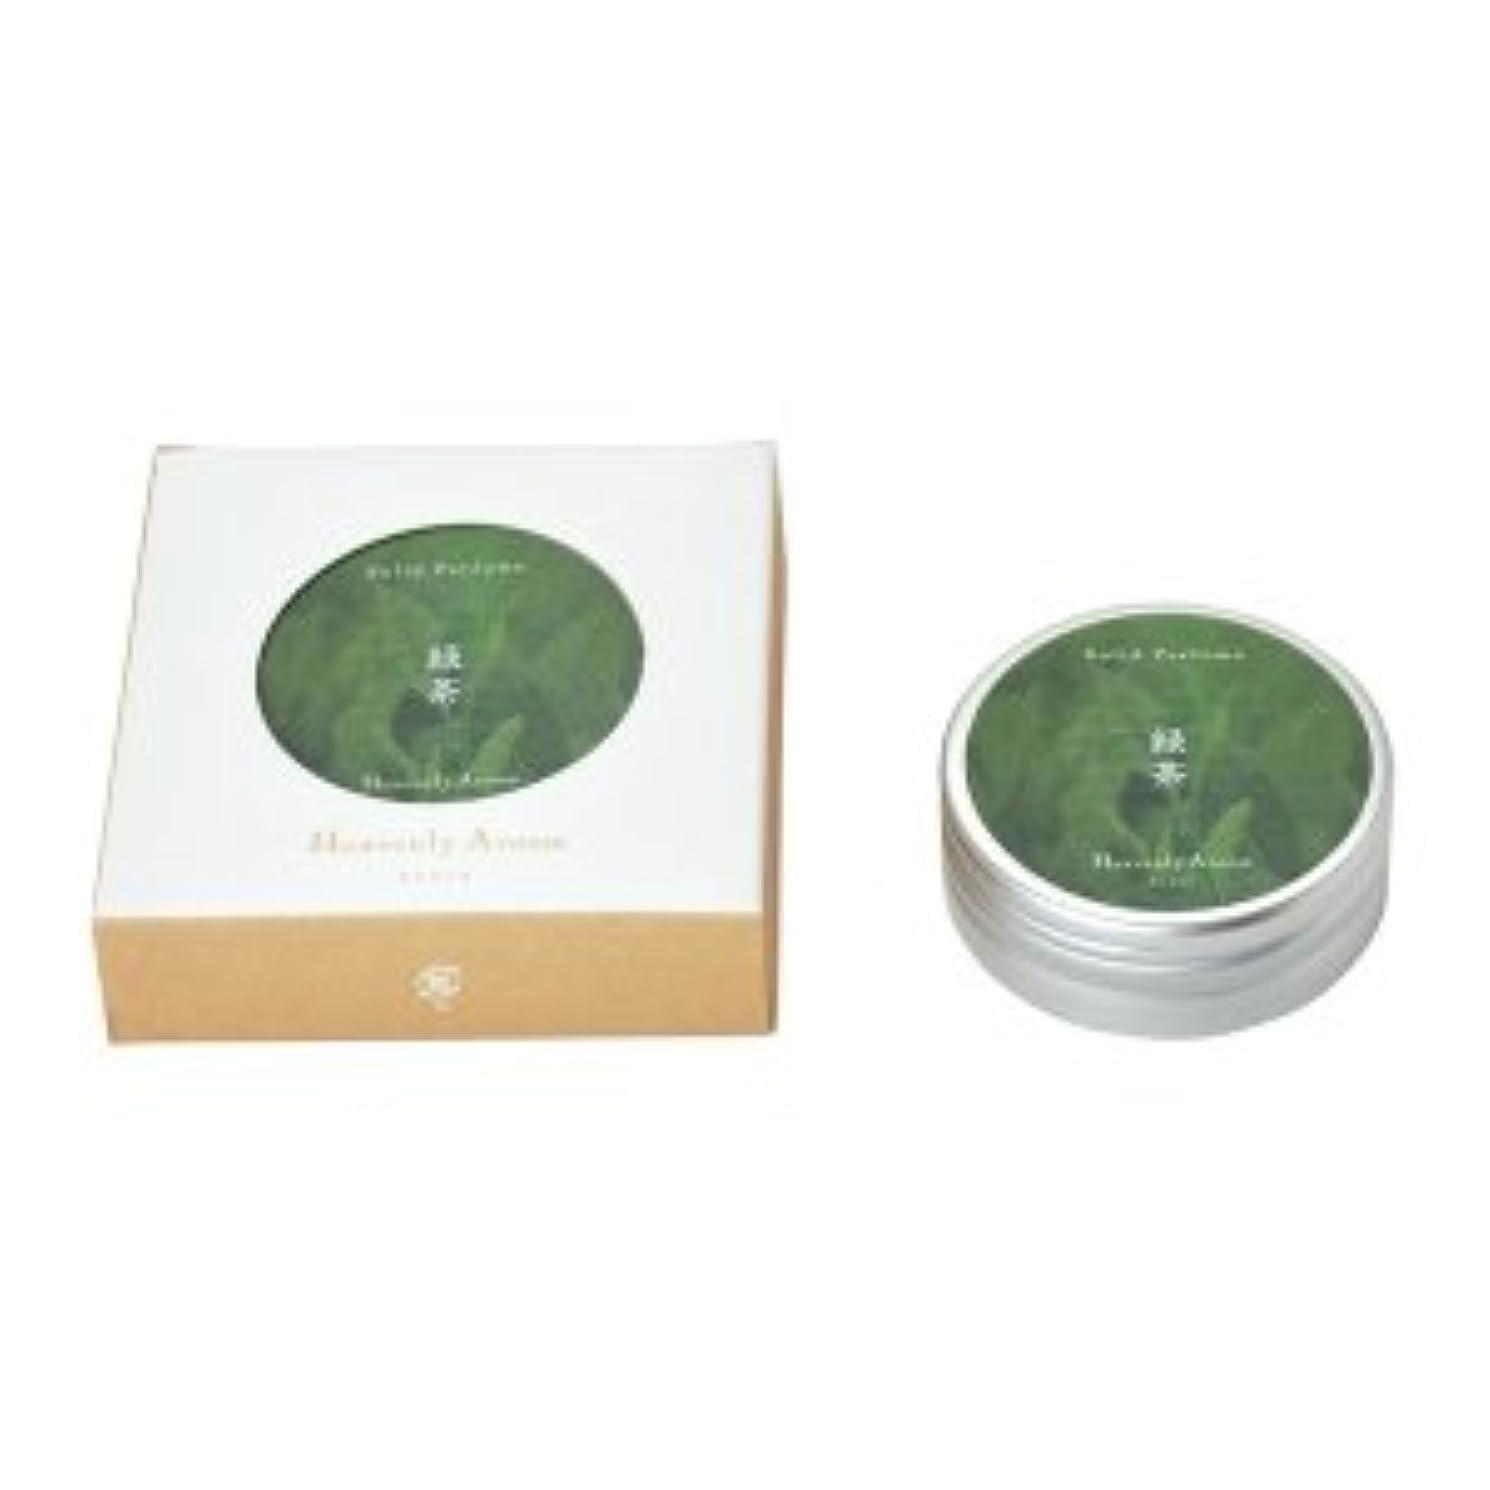 練り香水 京の練り香 Heavenly Aroom ソリッドパフューム 15g 緑茶